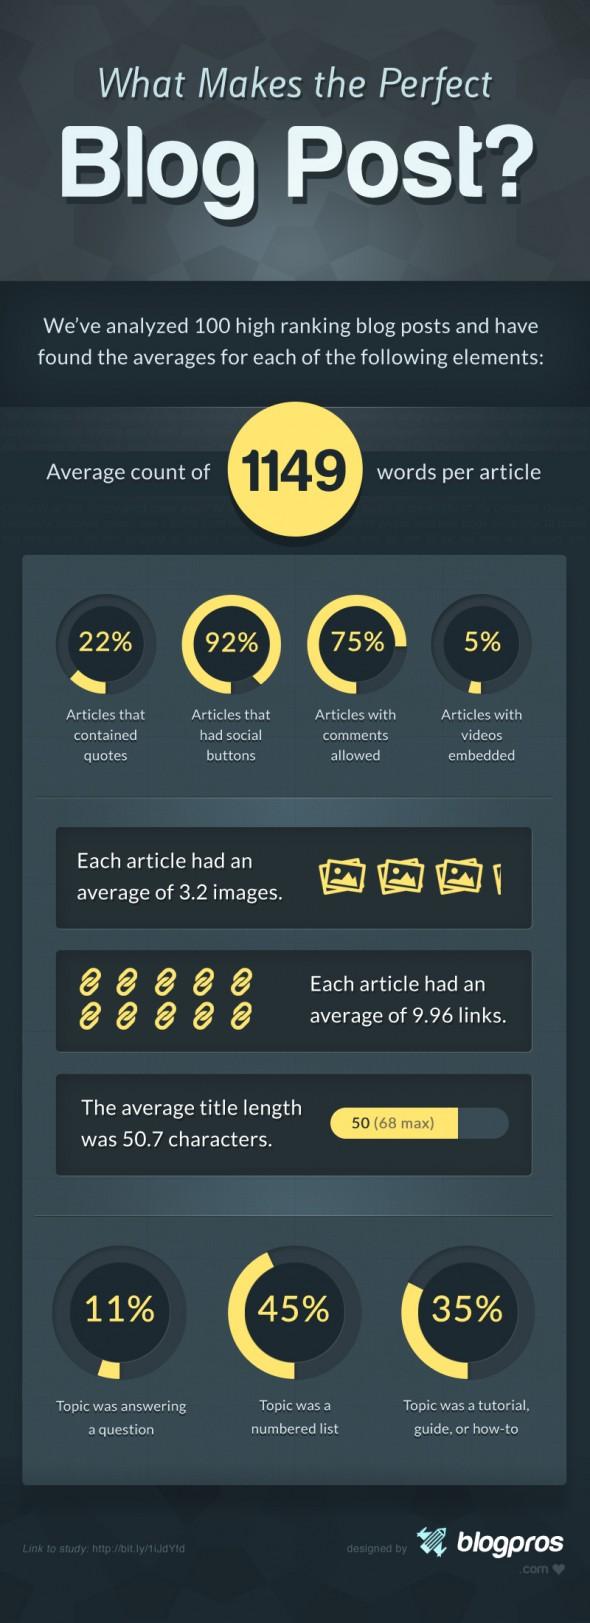 Statistiche di un post perfetto